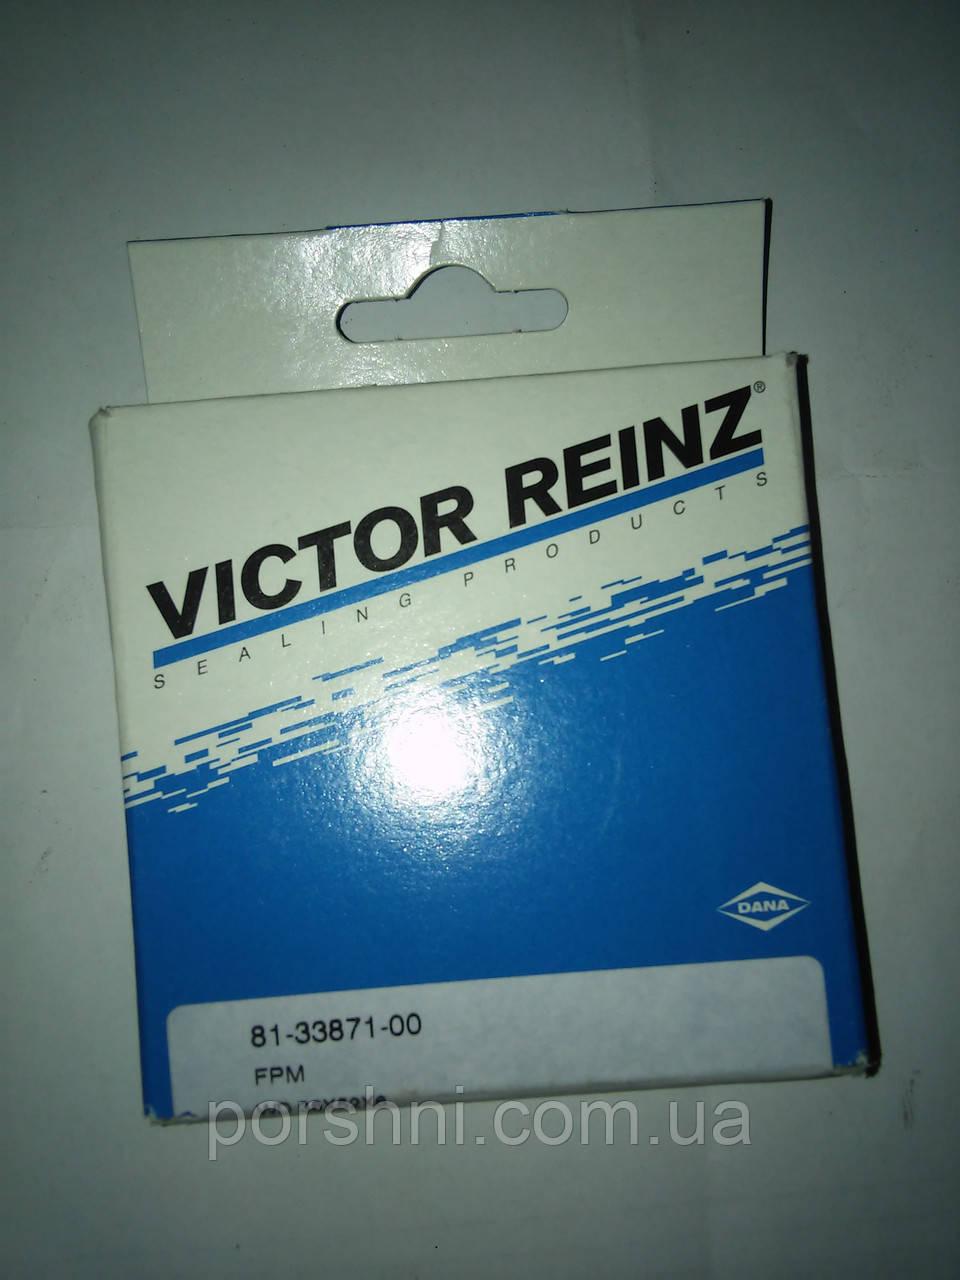 Сальники  задний  коленвала  Ford  Fiesta  1,25 - 1.4.  96 --  VIKTOR  REINZ   81-33872-00